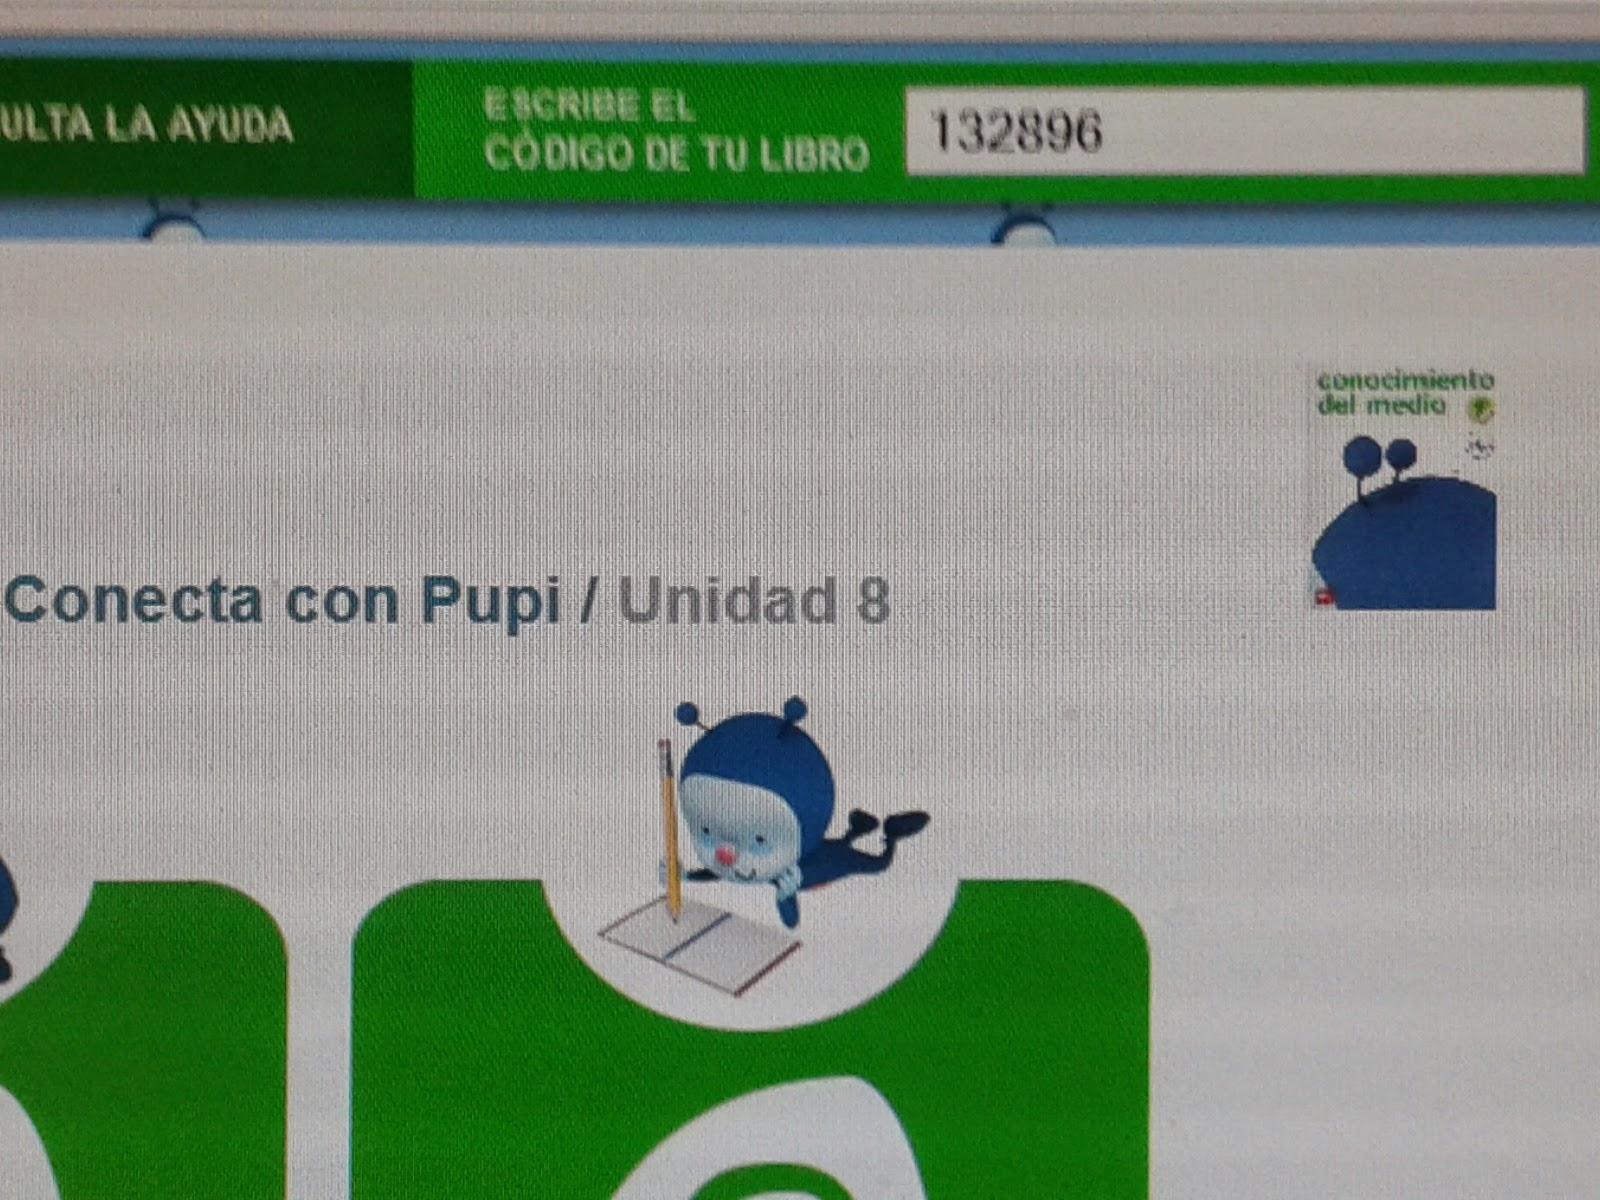 http://www.primaria.librosvivos.net/Unidad_8_1.html